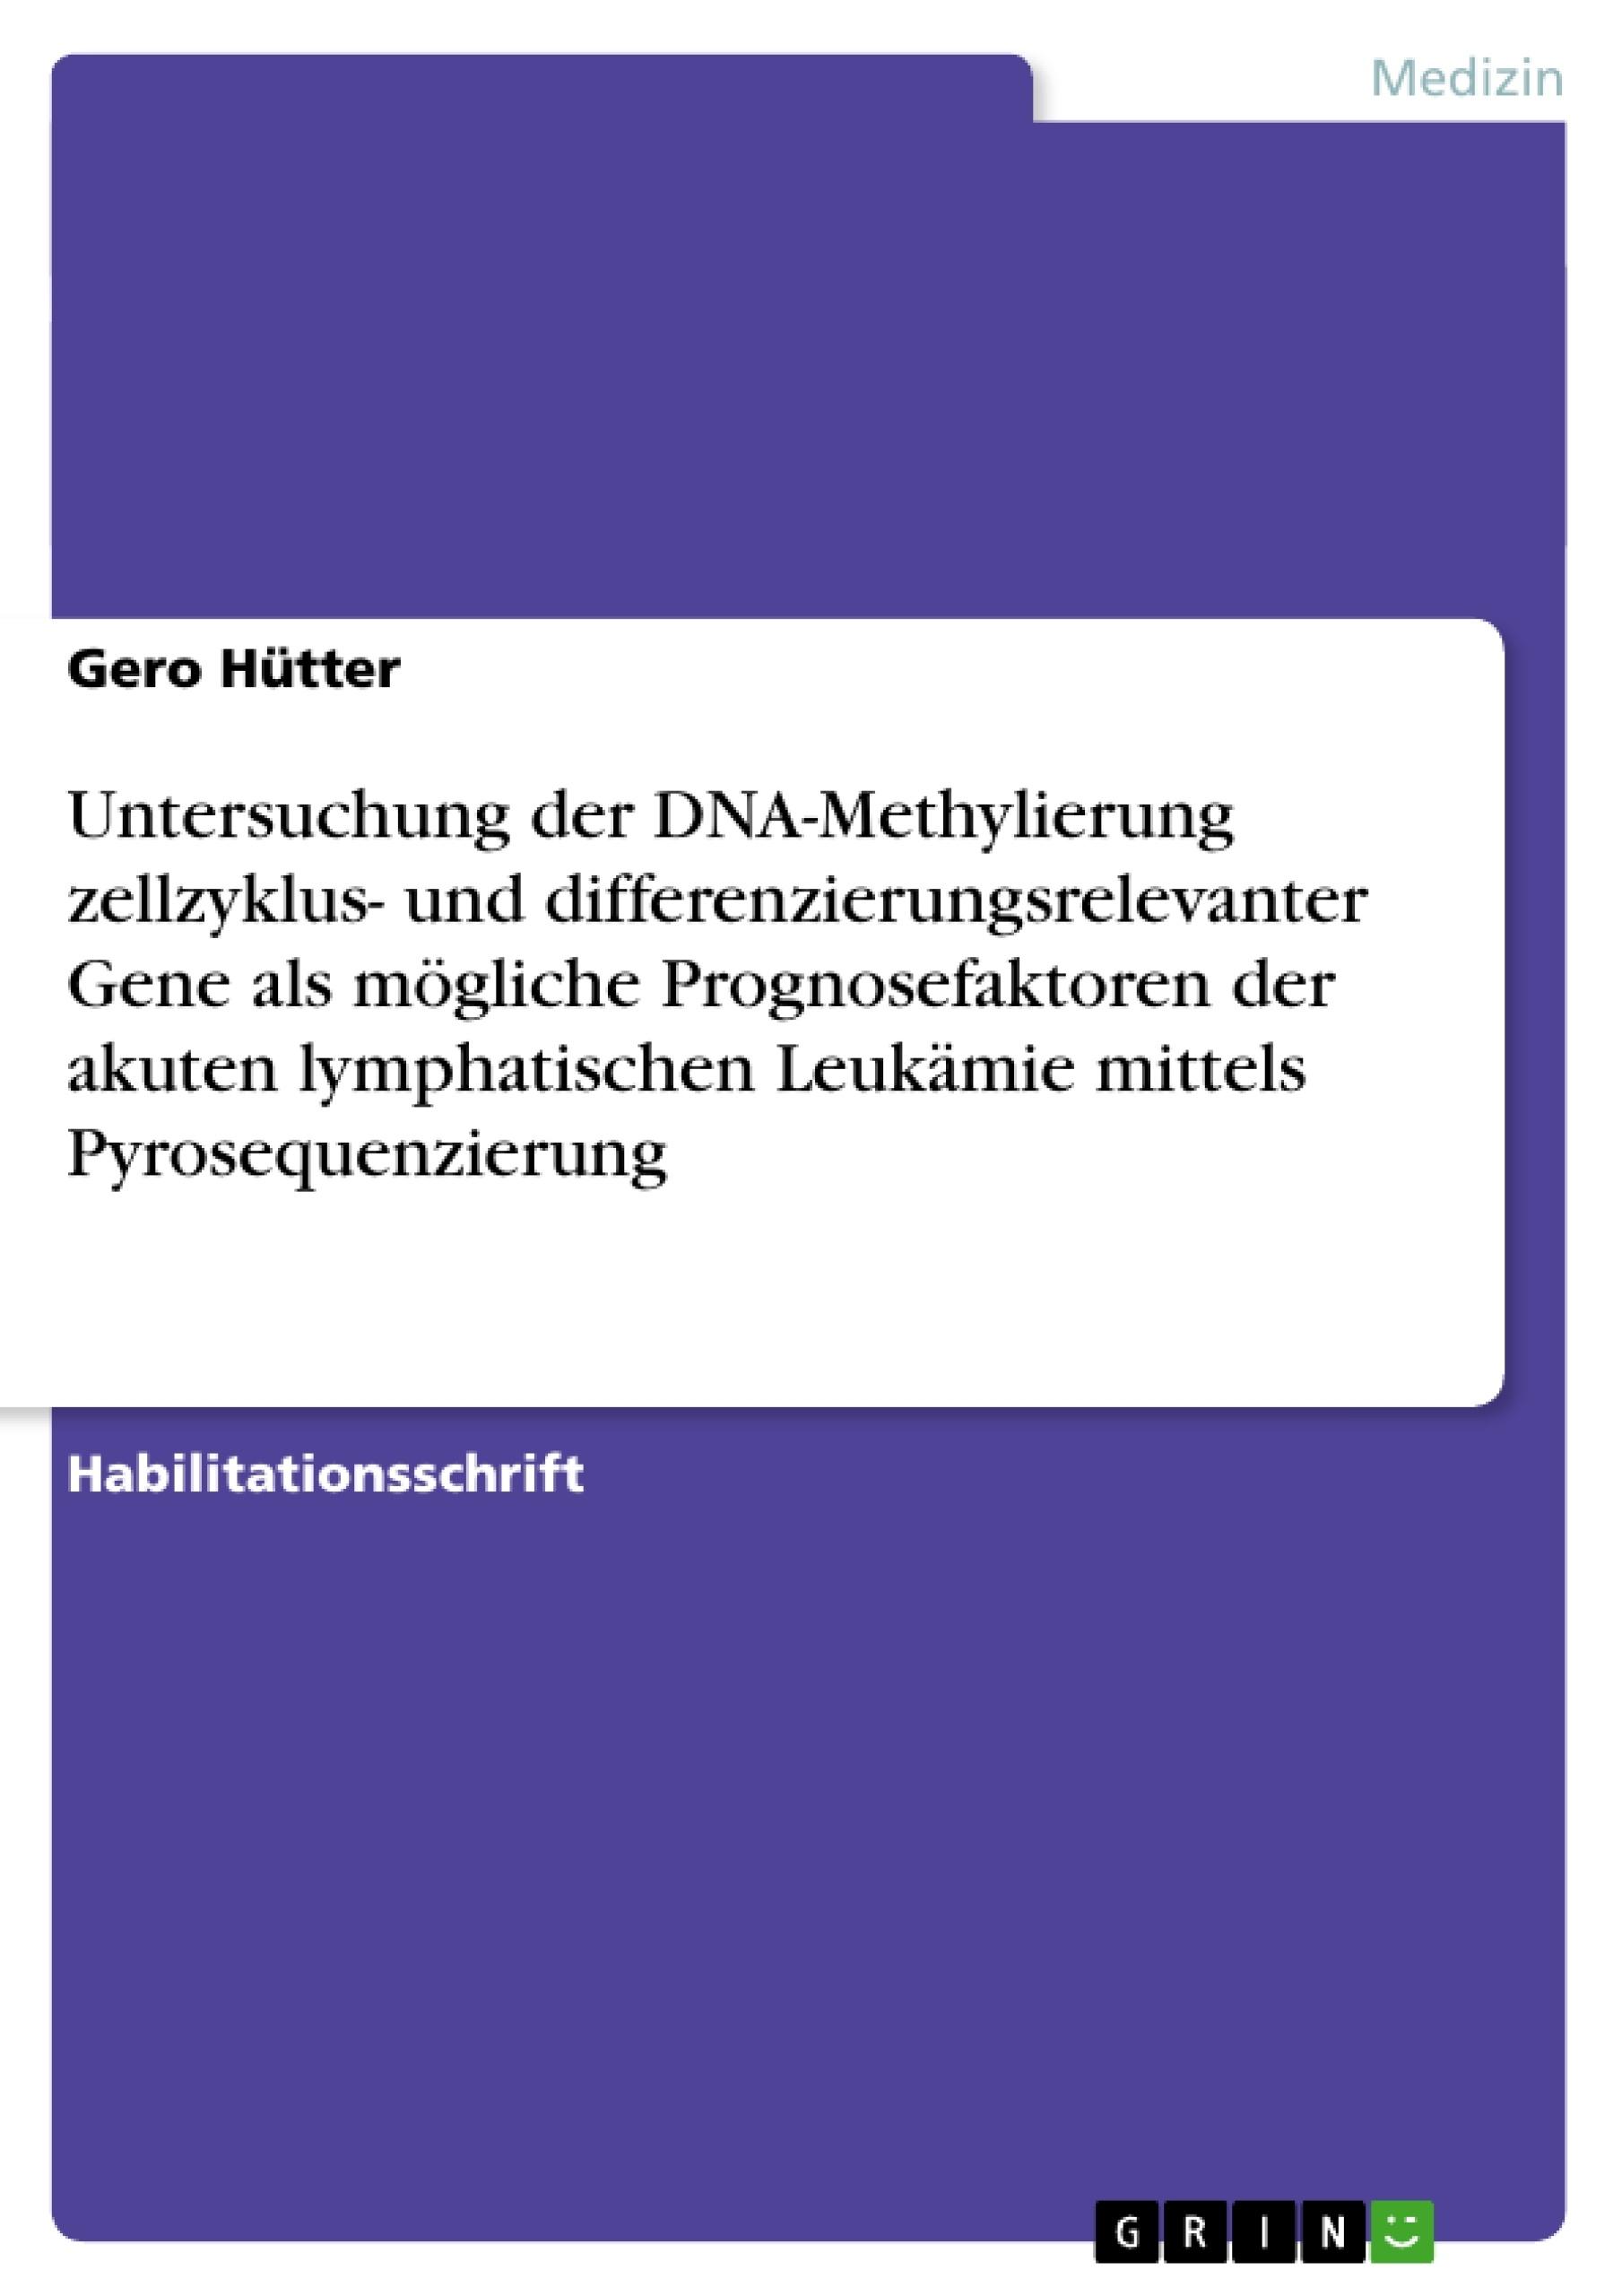 Titel: Untersuchung der DNA-Methylierung zellzyklus- und differenzierungsrelevanter Gene als mögliche Prognosefaktoren der akuten lymphatischen Leukämie mittels Pyrosequenzierung